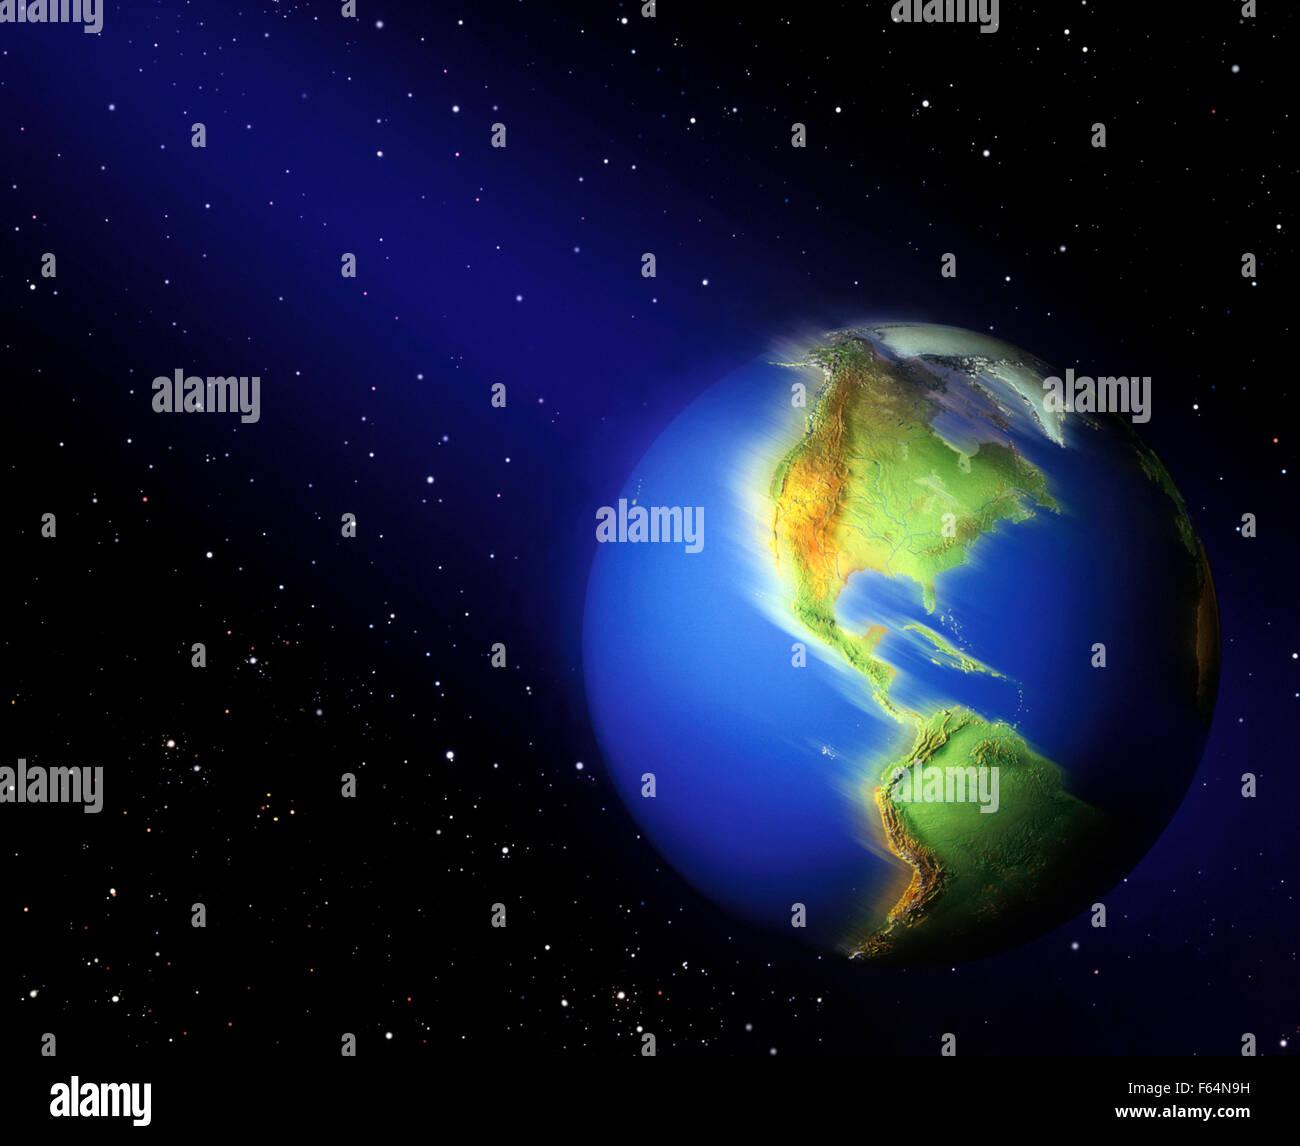 La tierra gira en el espacio entre las estrellas Imagen De Stock